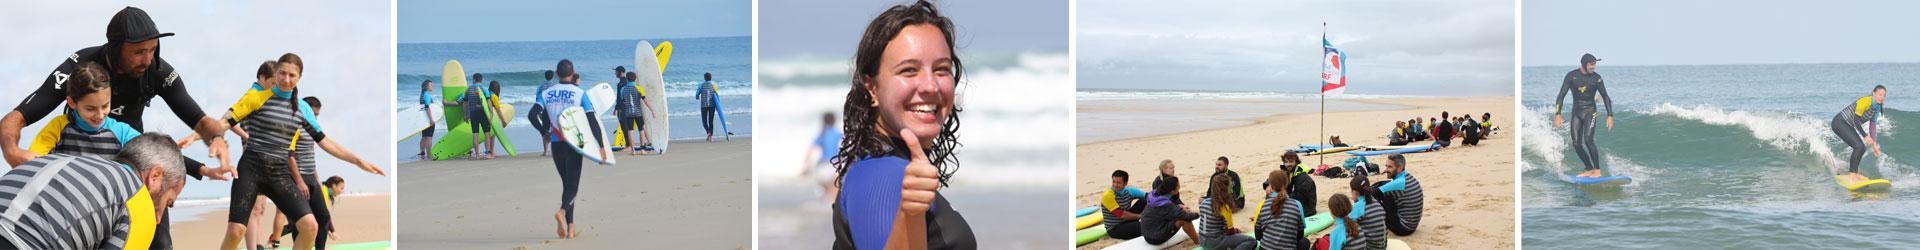 Ecole de surf de messanges entre vieux Boucau et Moliets et près de Souston